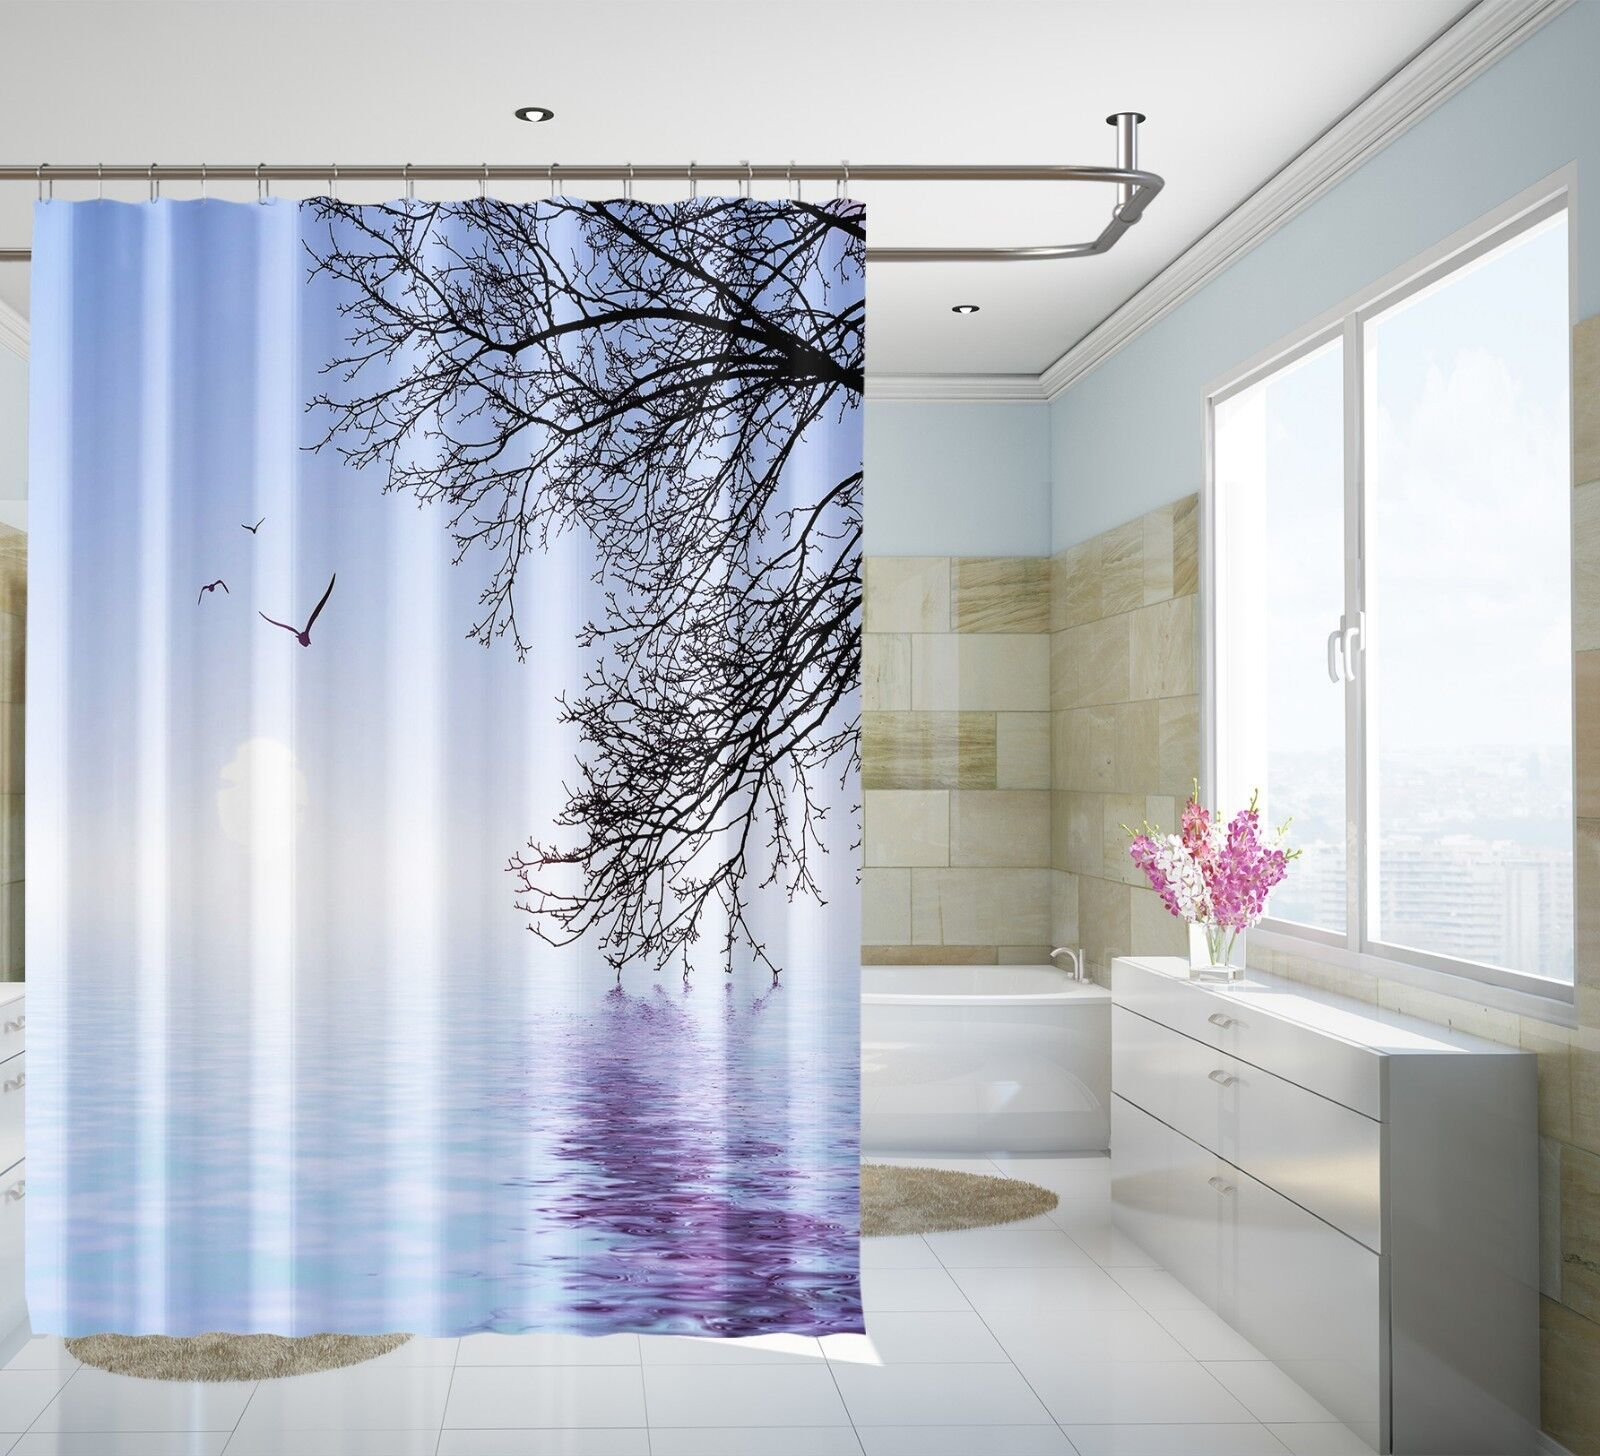 3D Vogel See Baum 72 Duschvorhang Wasserdicht Faser Bad Daheim Windows Toilette | Lass unsere Waren in die Welt gehen